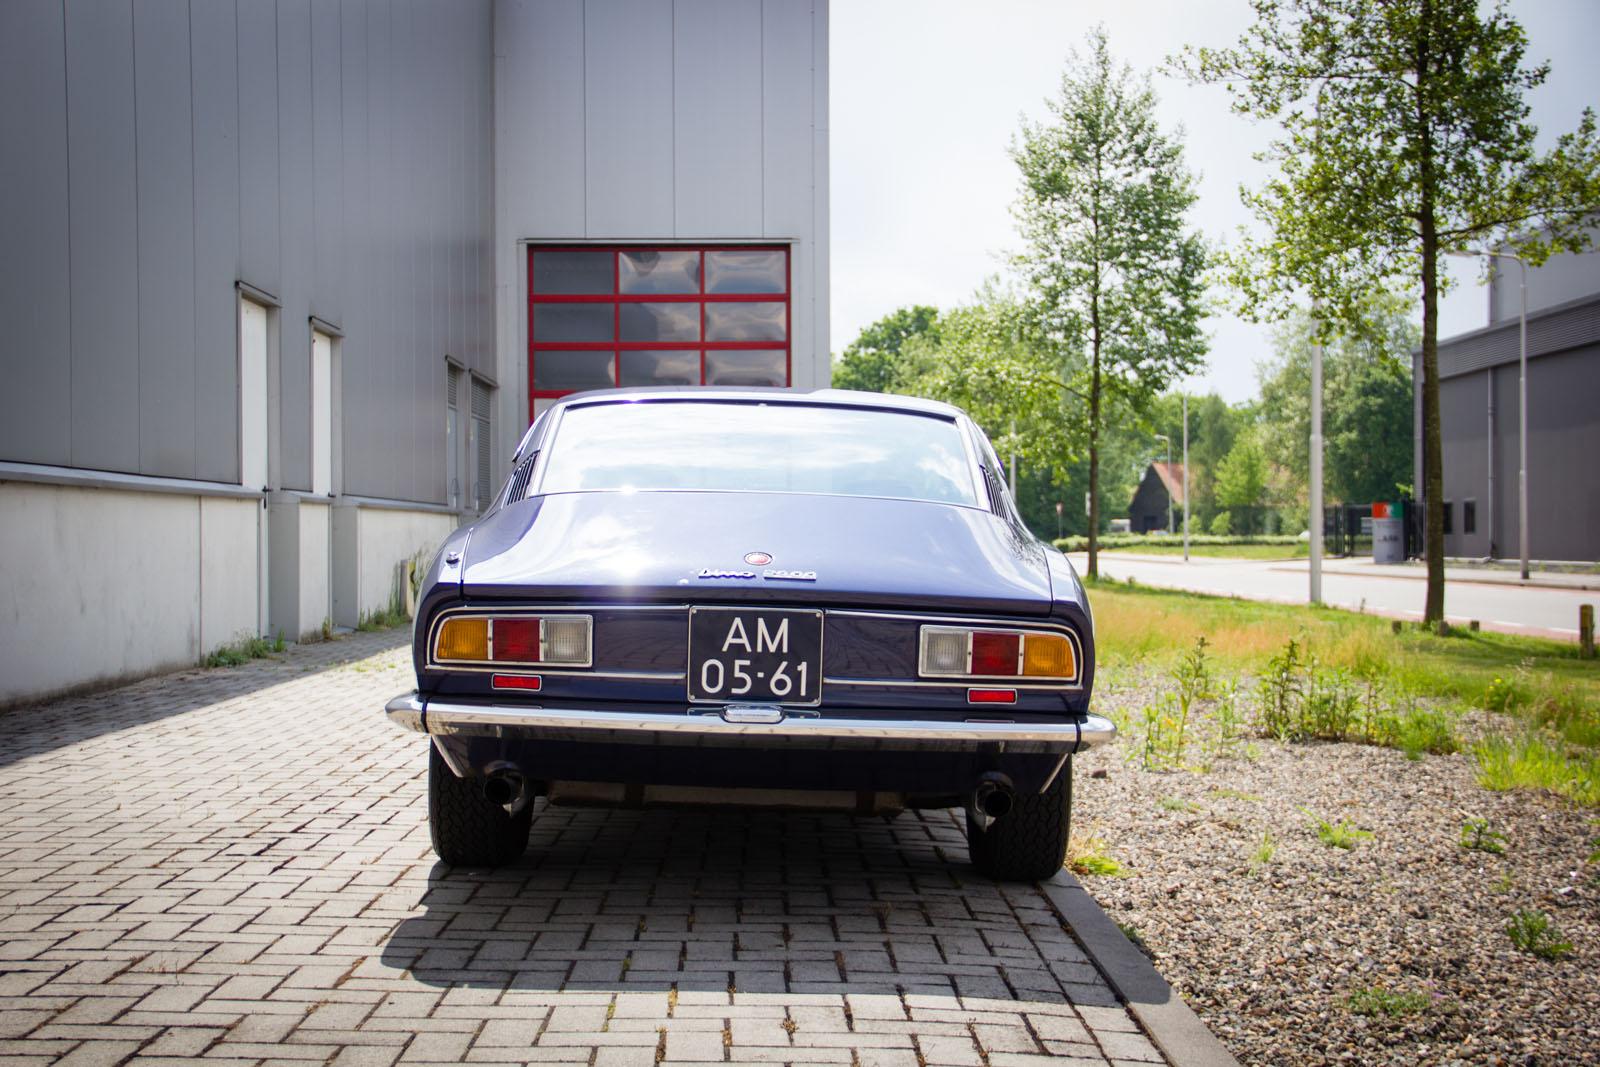 Fiat-Dino-oldtimerland-4.jpg